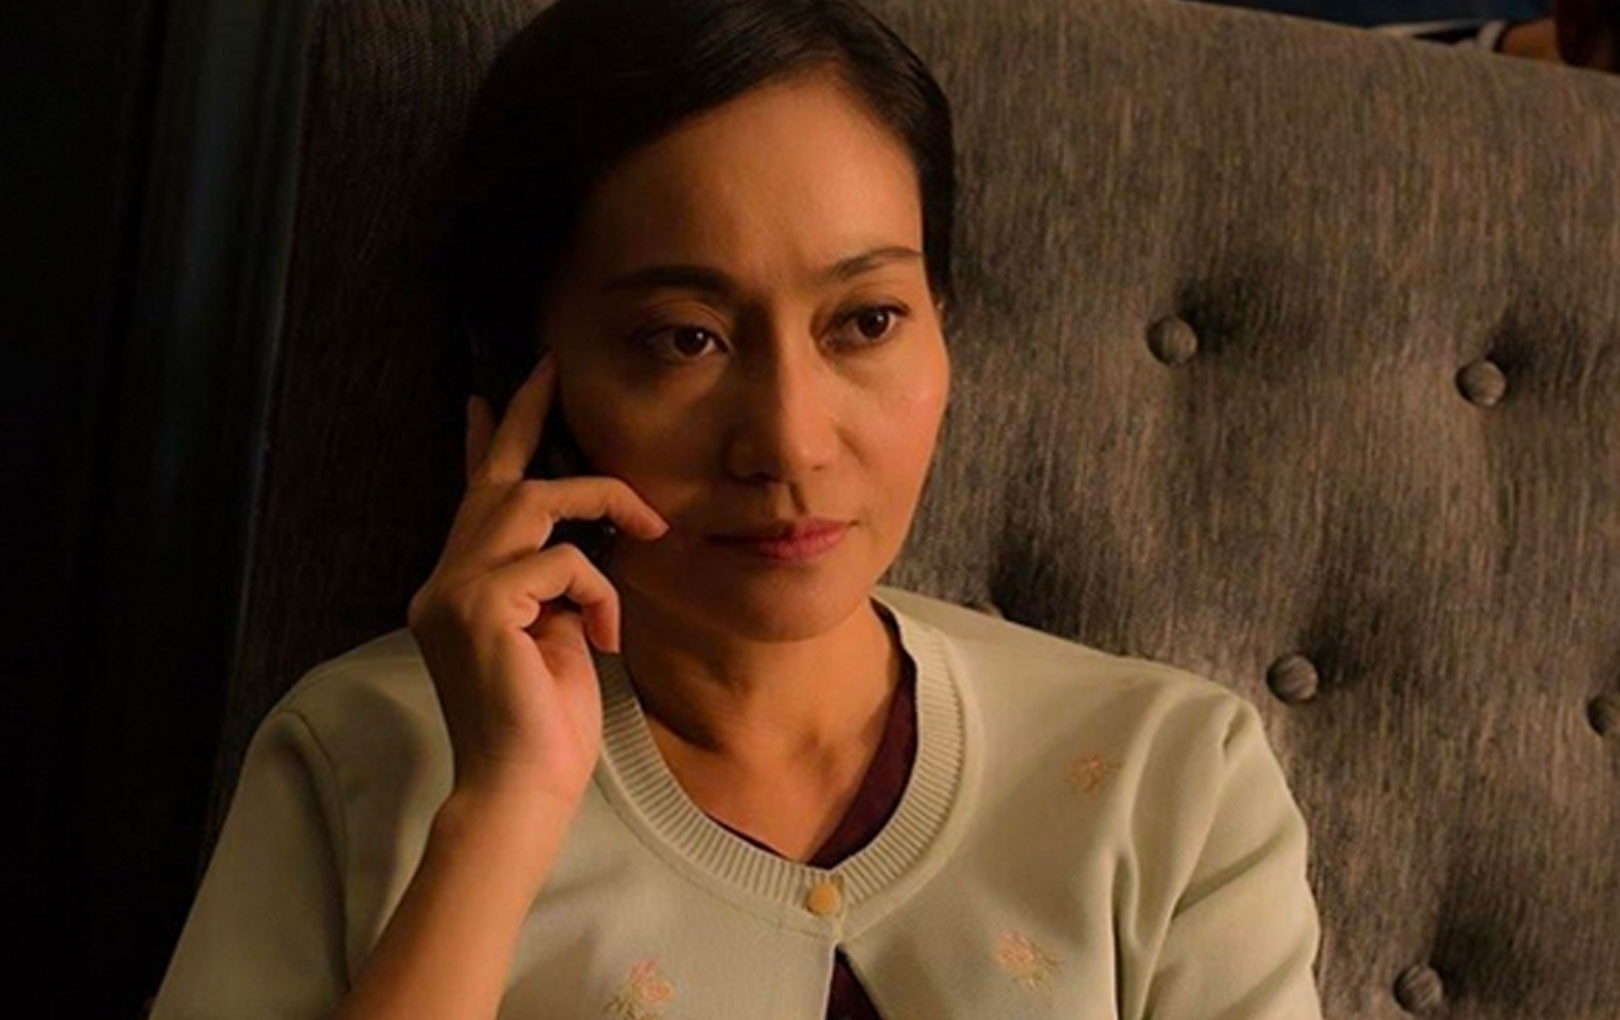 Diễn viên Hạnh Thúy bị trộm đột nhập vào phòng ngủ lúc 4 giờ sáng nhưng bất ngờ nhất là cách giải quyết giúp cả nhà thoát nạn của cô